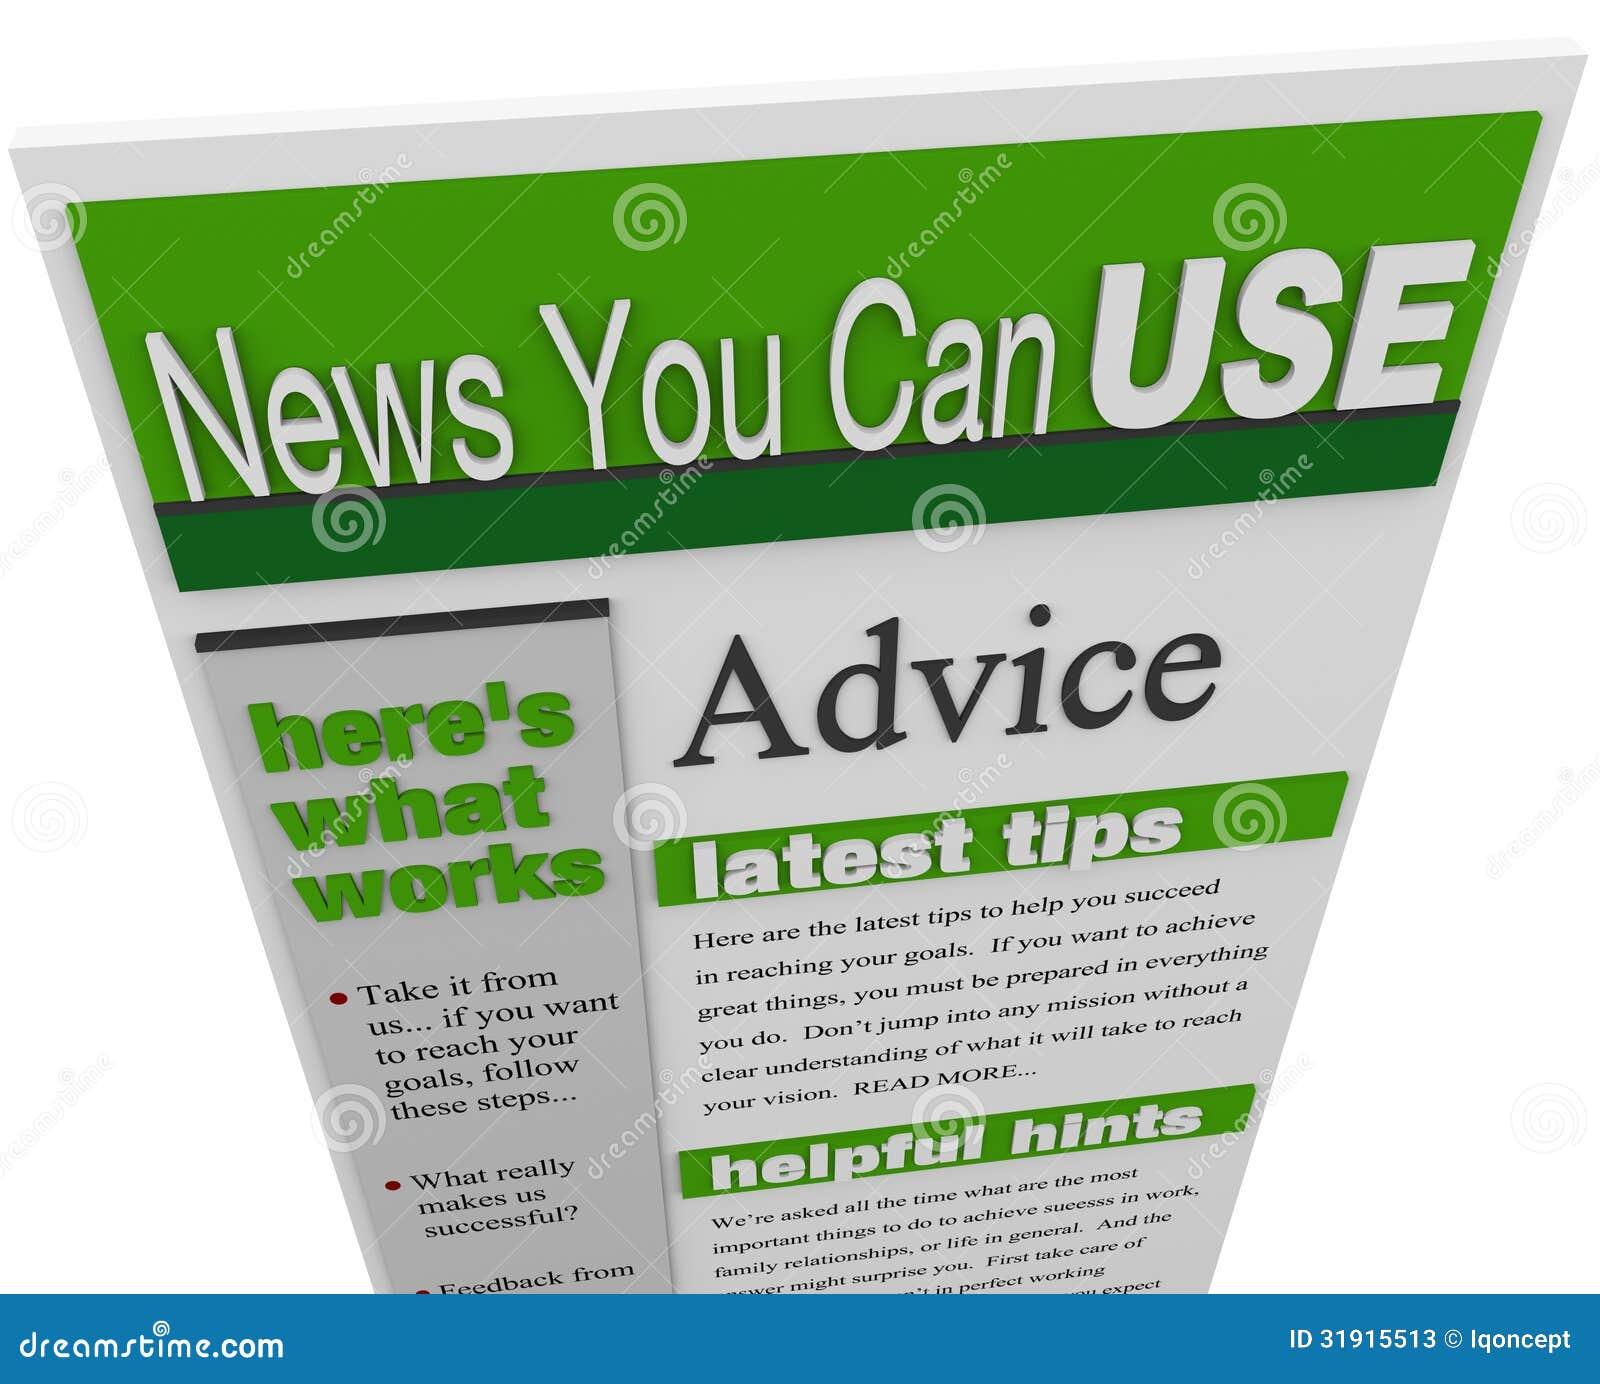 忠告电子业务通信技巧提示支持想法时事通讯